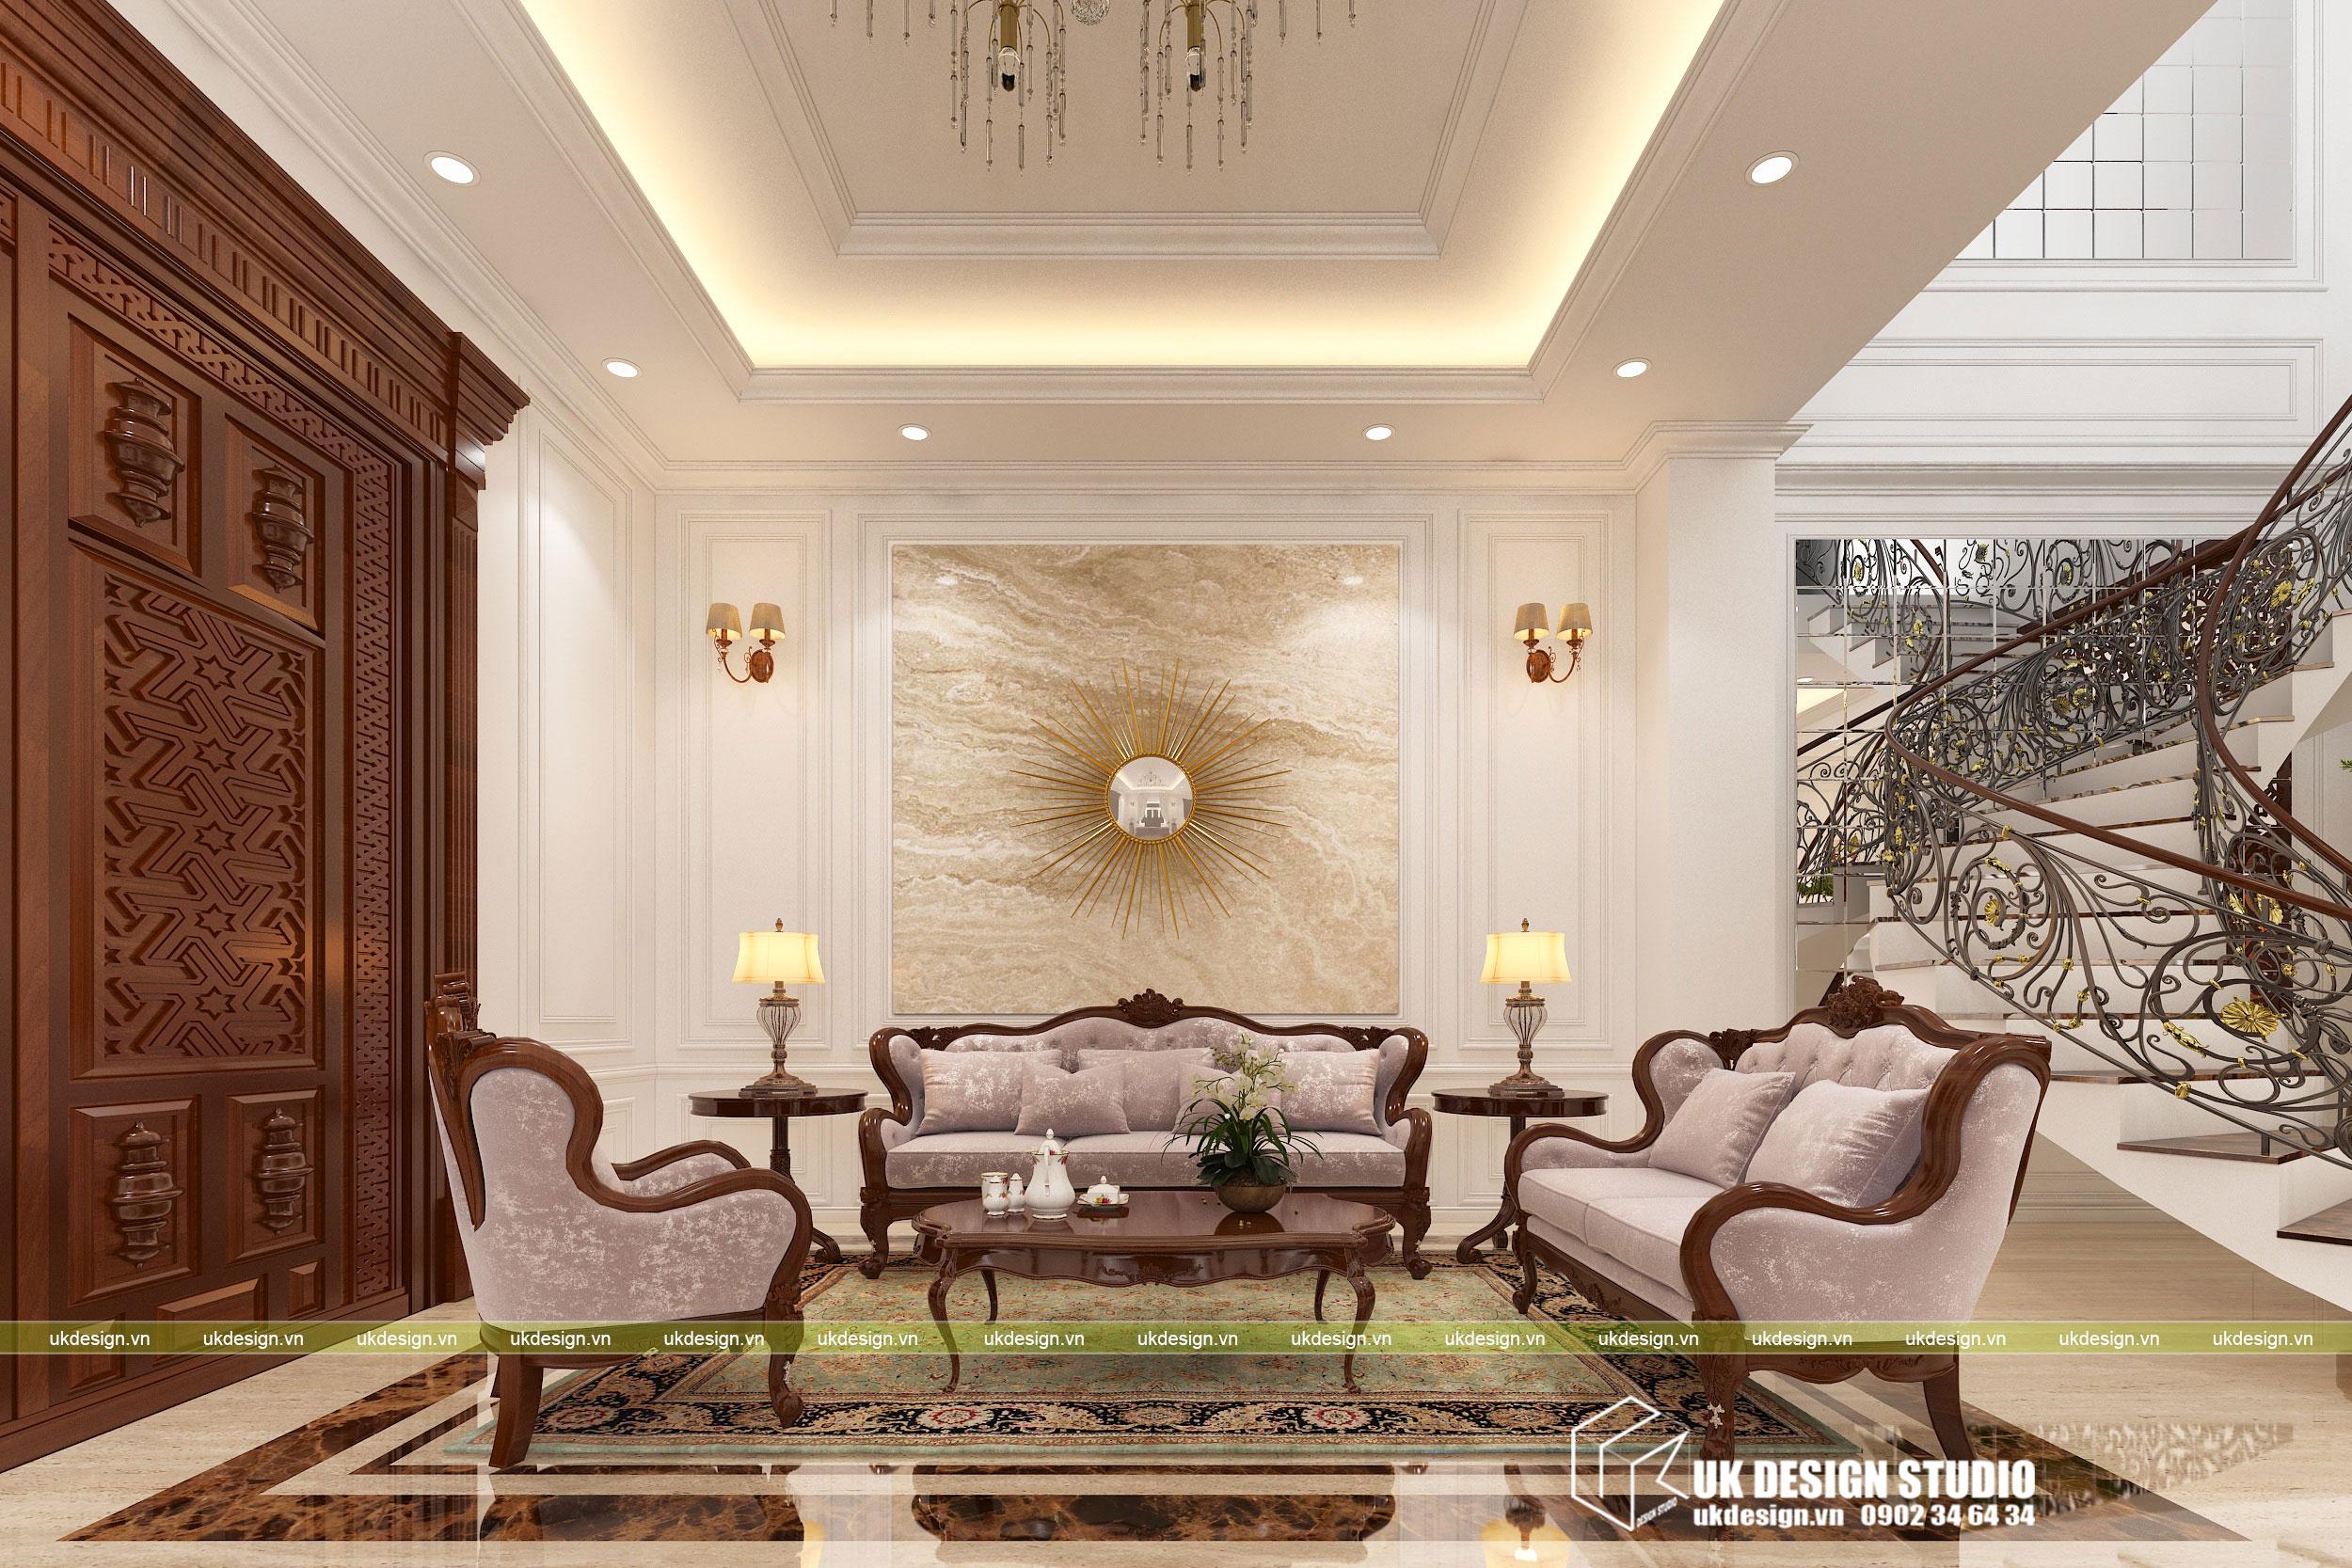 Thiết kế nội thất biệt thự cổ điển 4